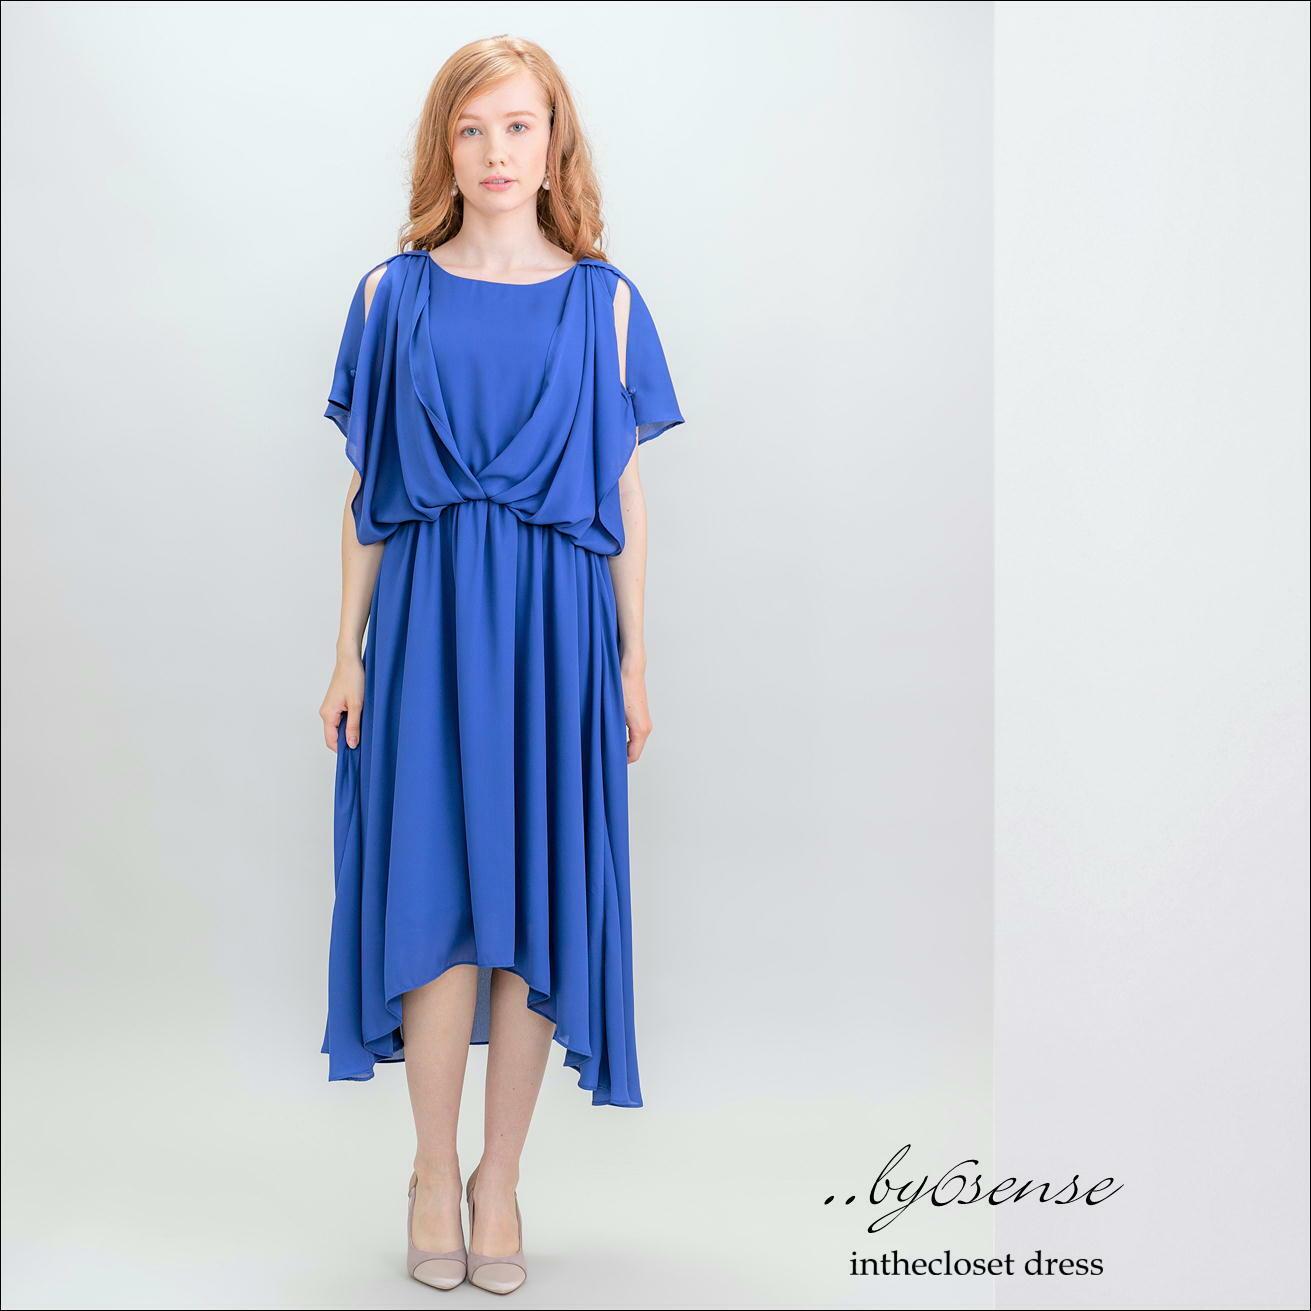 (ブルー)ノースリーブORフレンチ袖の2Wayフィッシュテールロングドレス